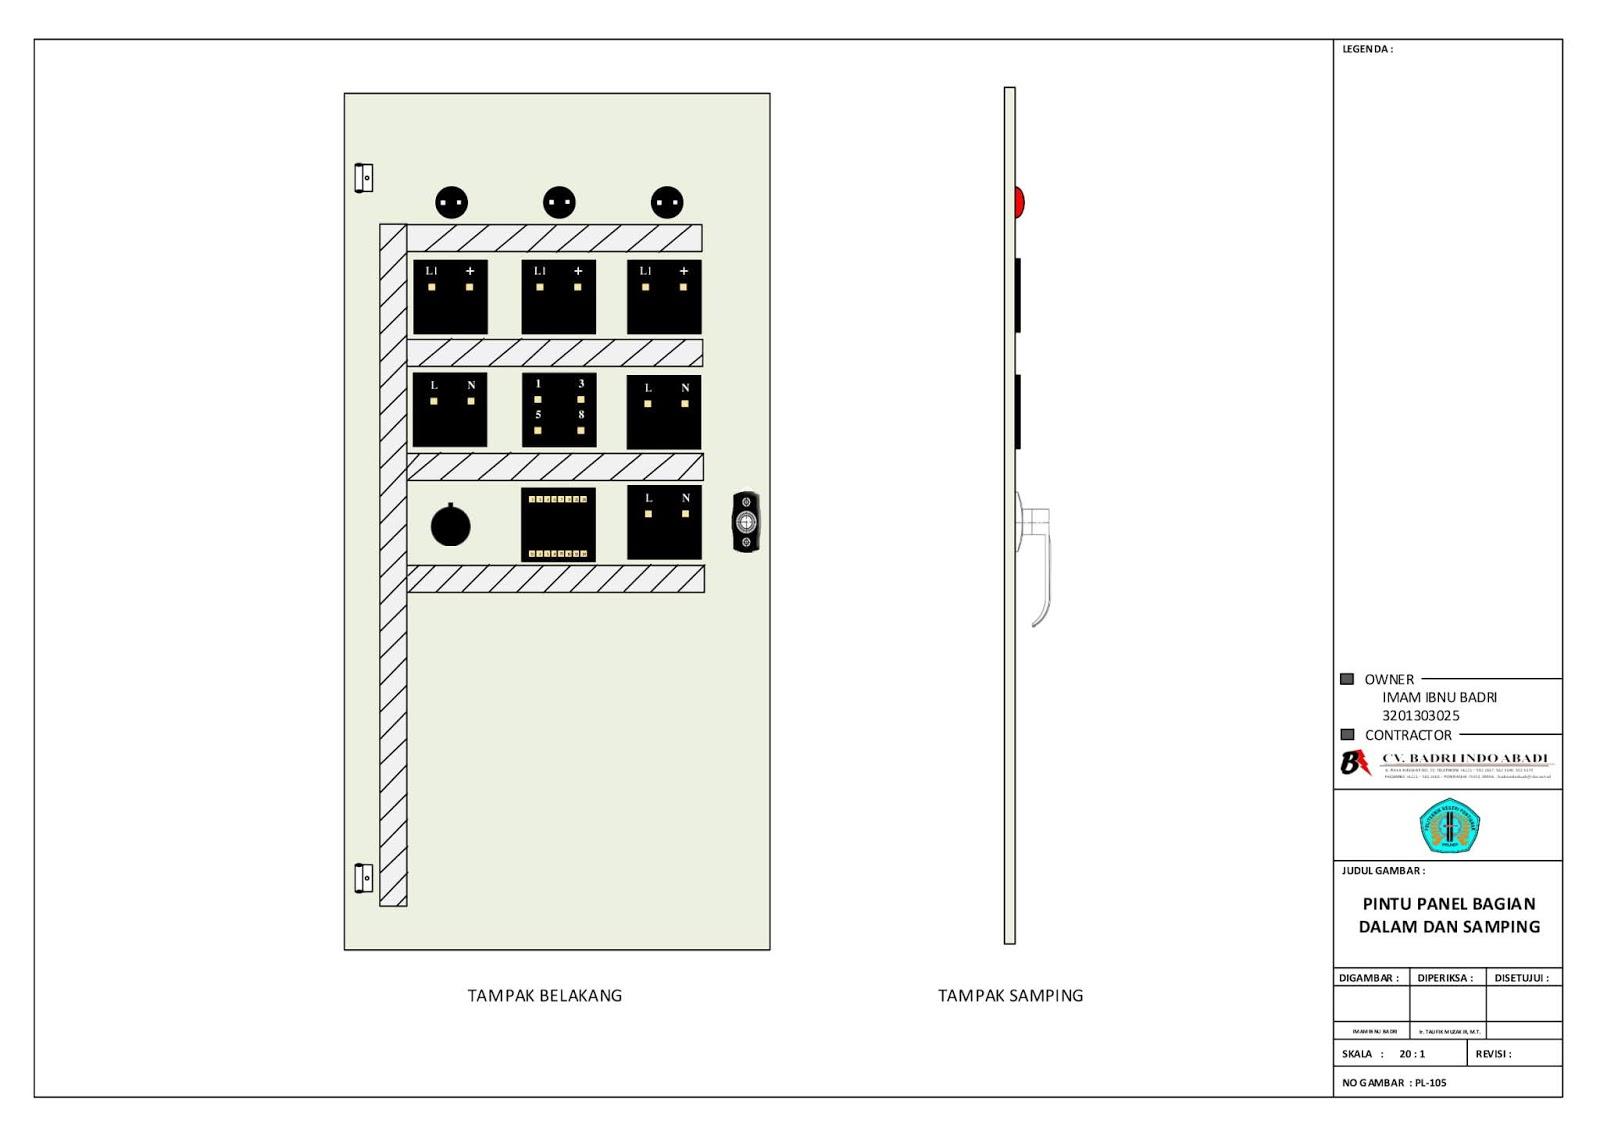 Pintu Panel Bagian Dalam dan Samping